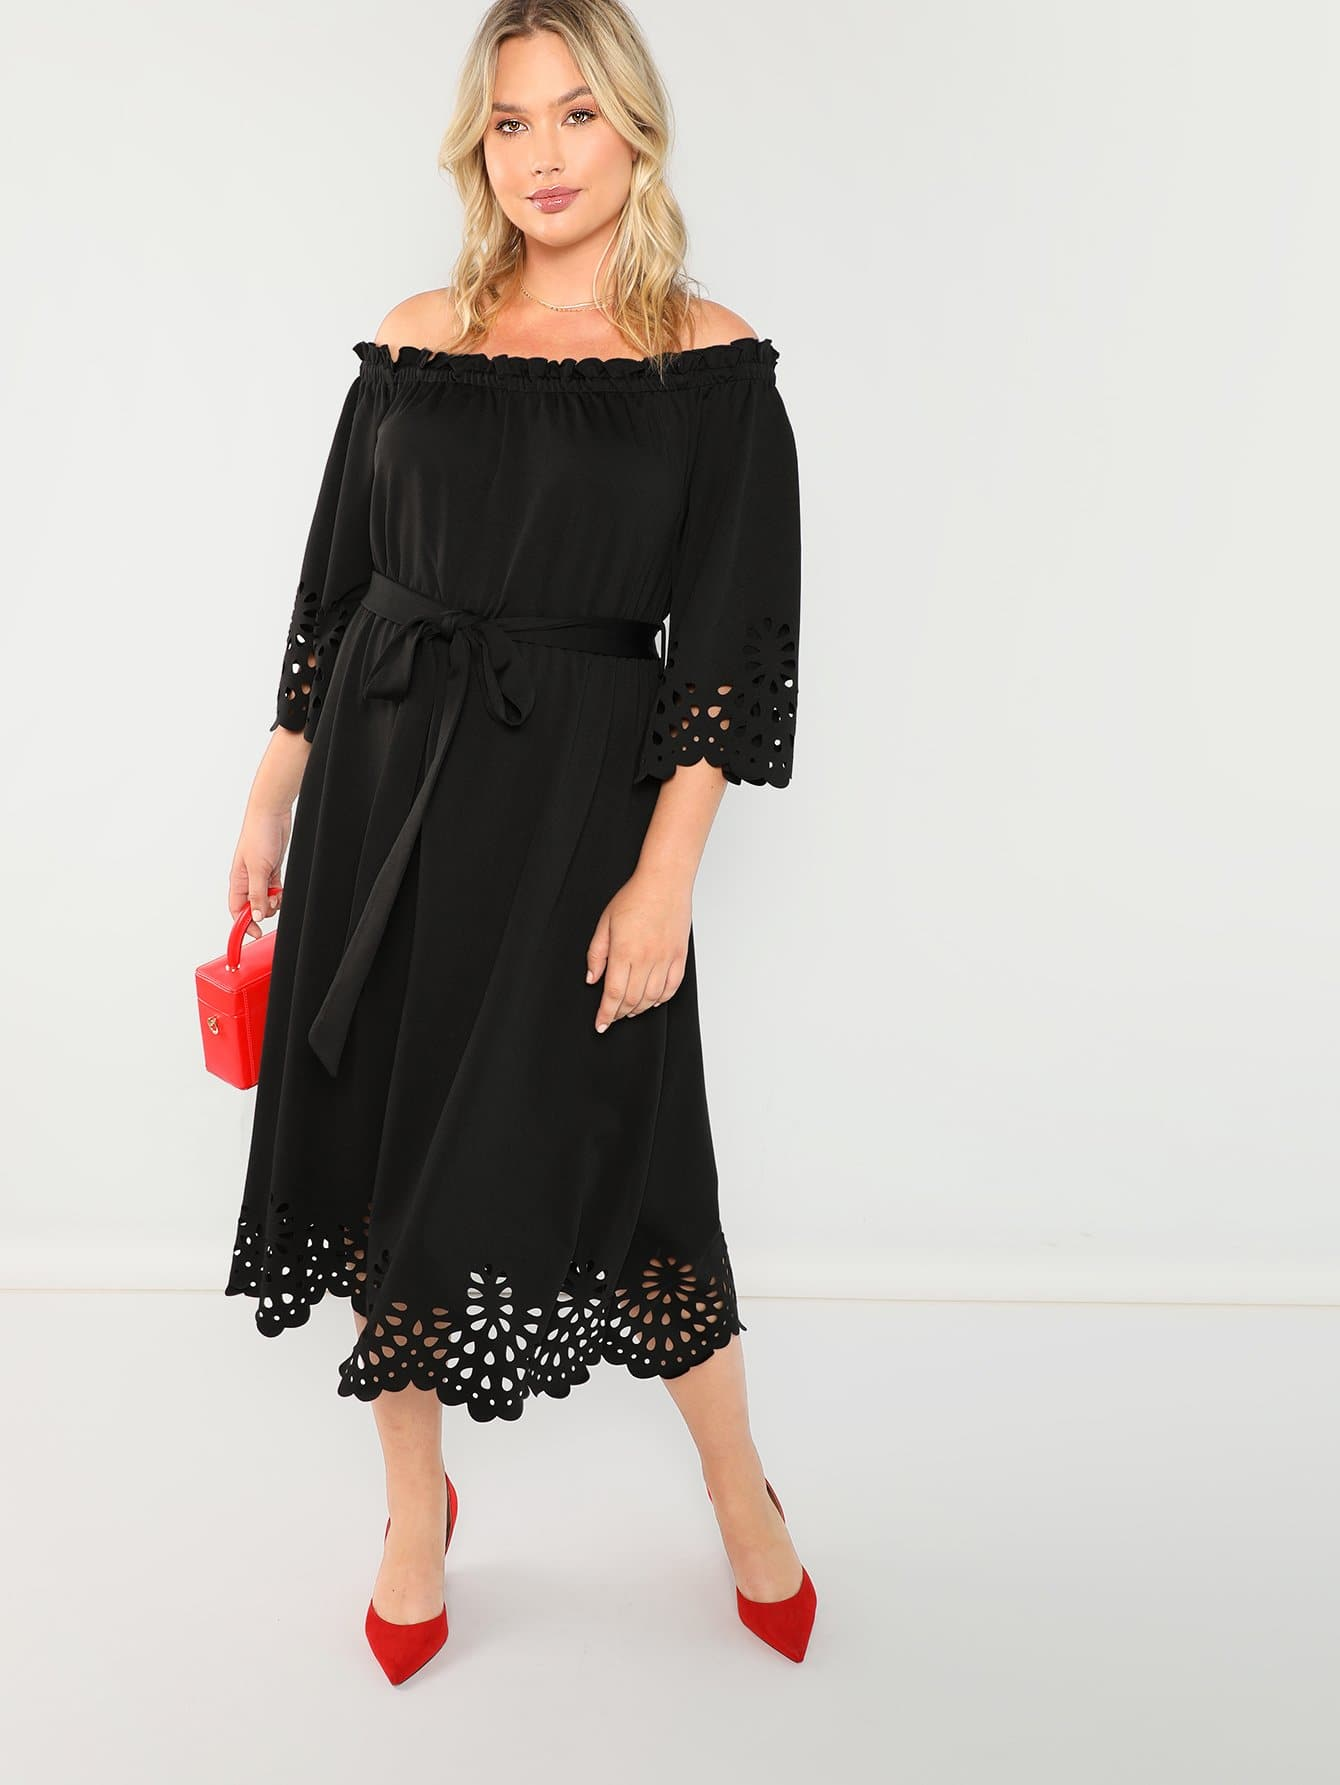 Купить Плюс размеры веерообразной отделкой платье, Sydney Ness, SheIn